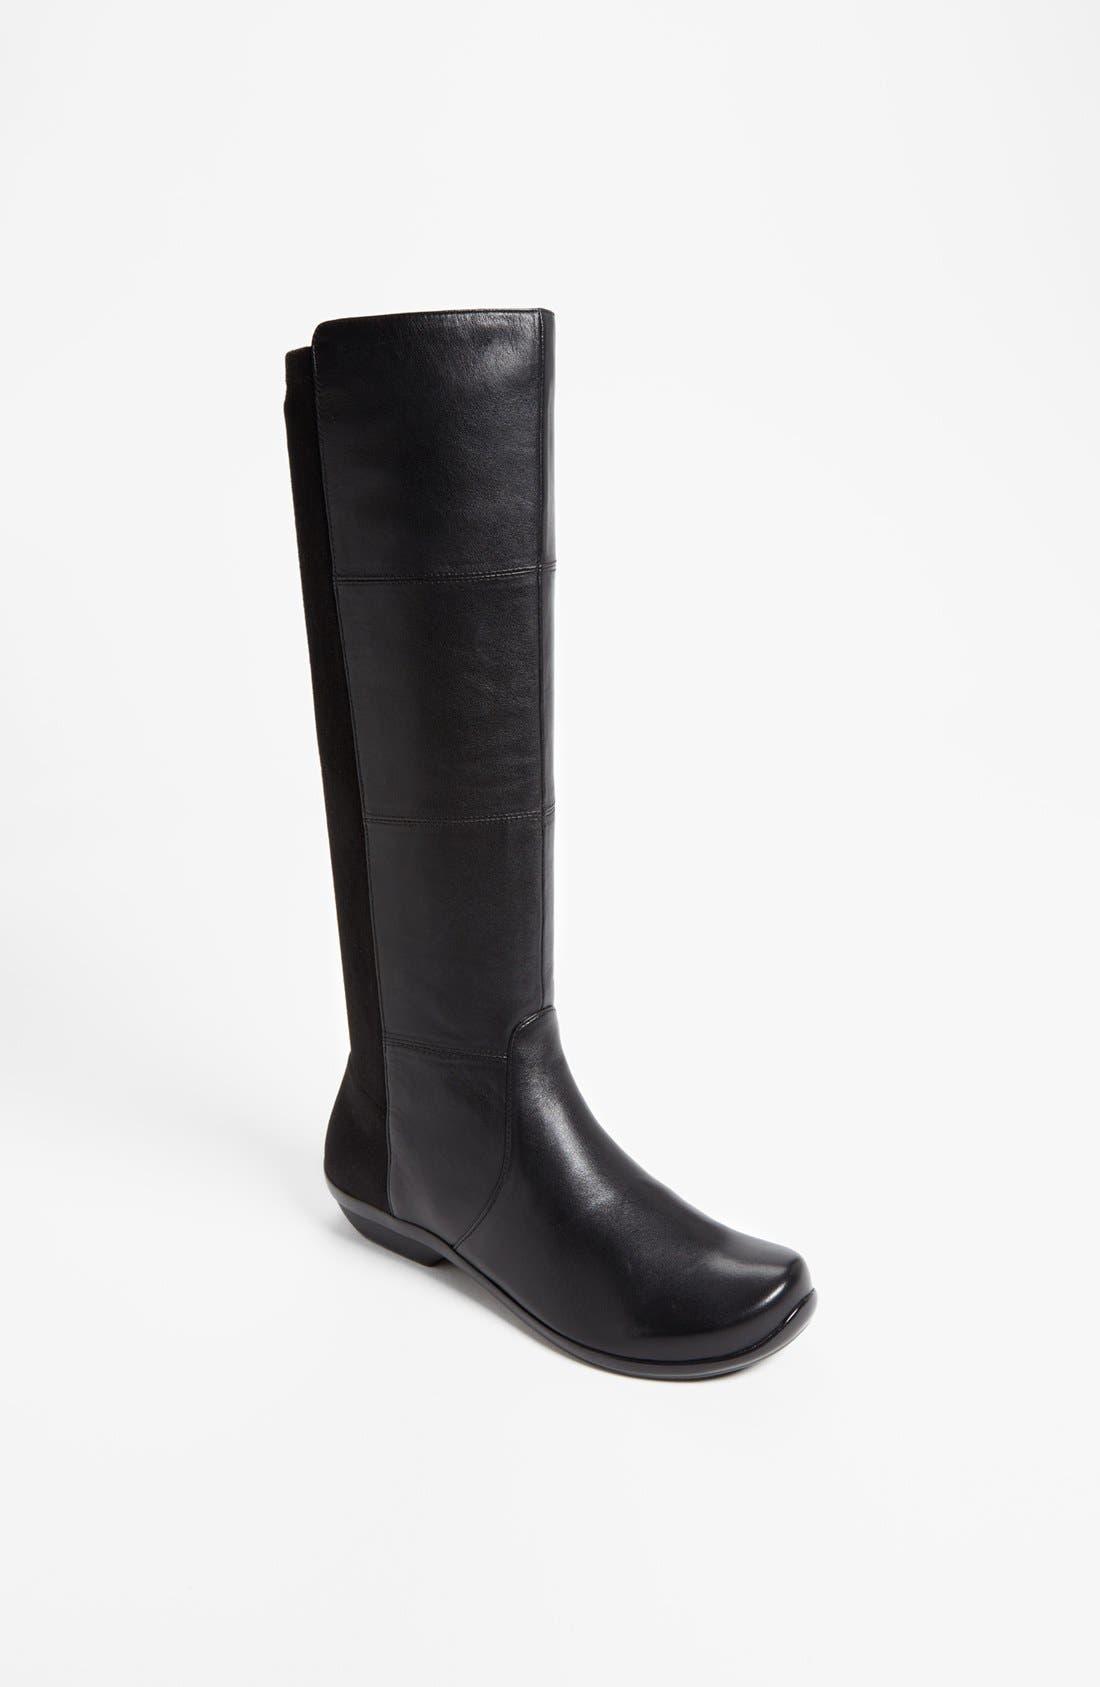 Alternate Image 1 Selected - Dansko 'Ottavia' Boot